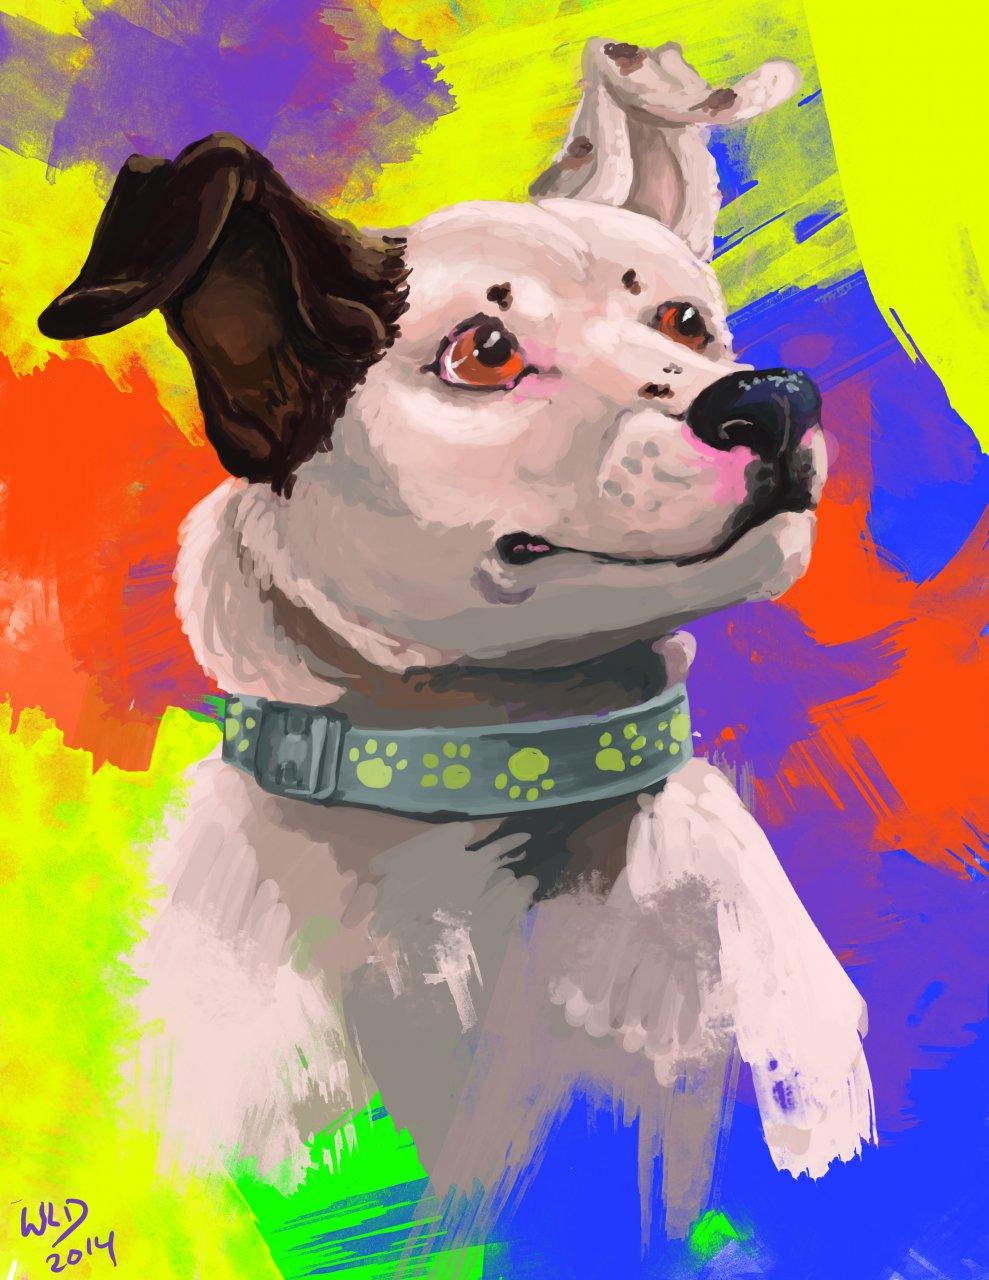 The Gypsy Dog